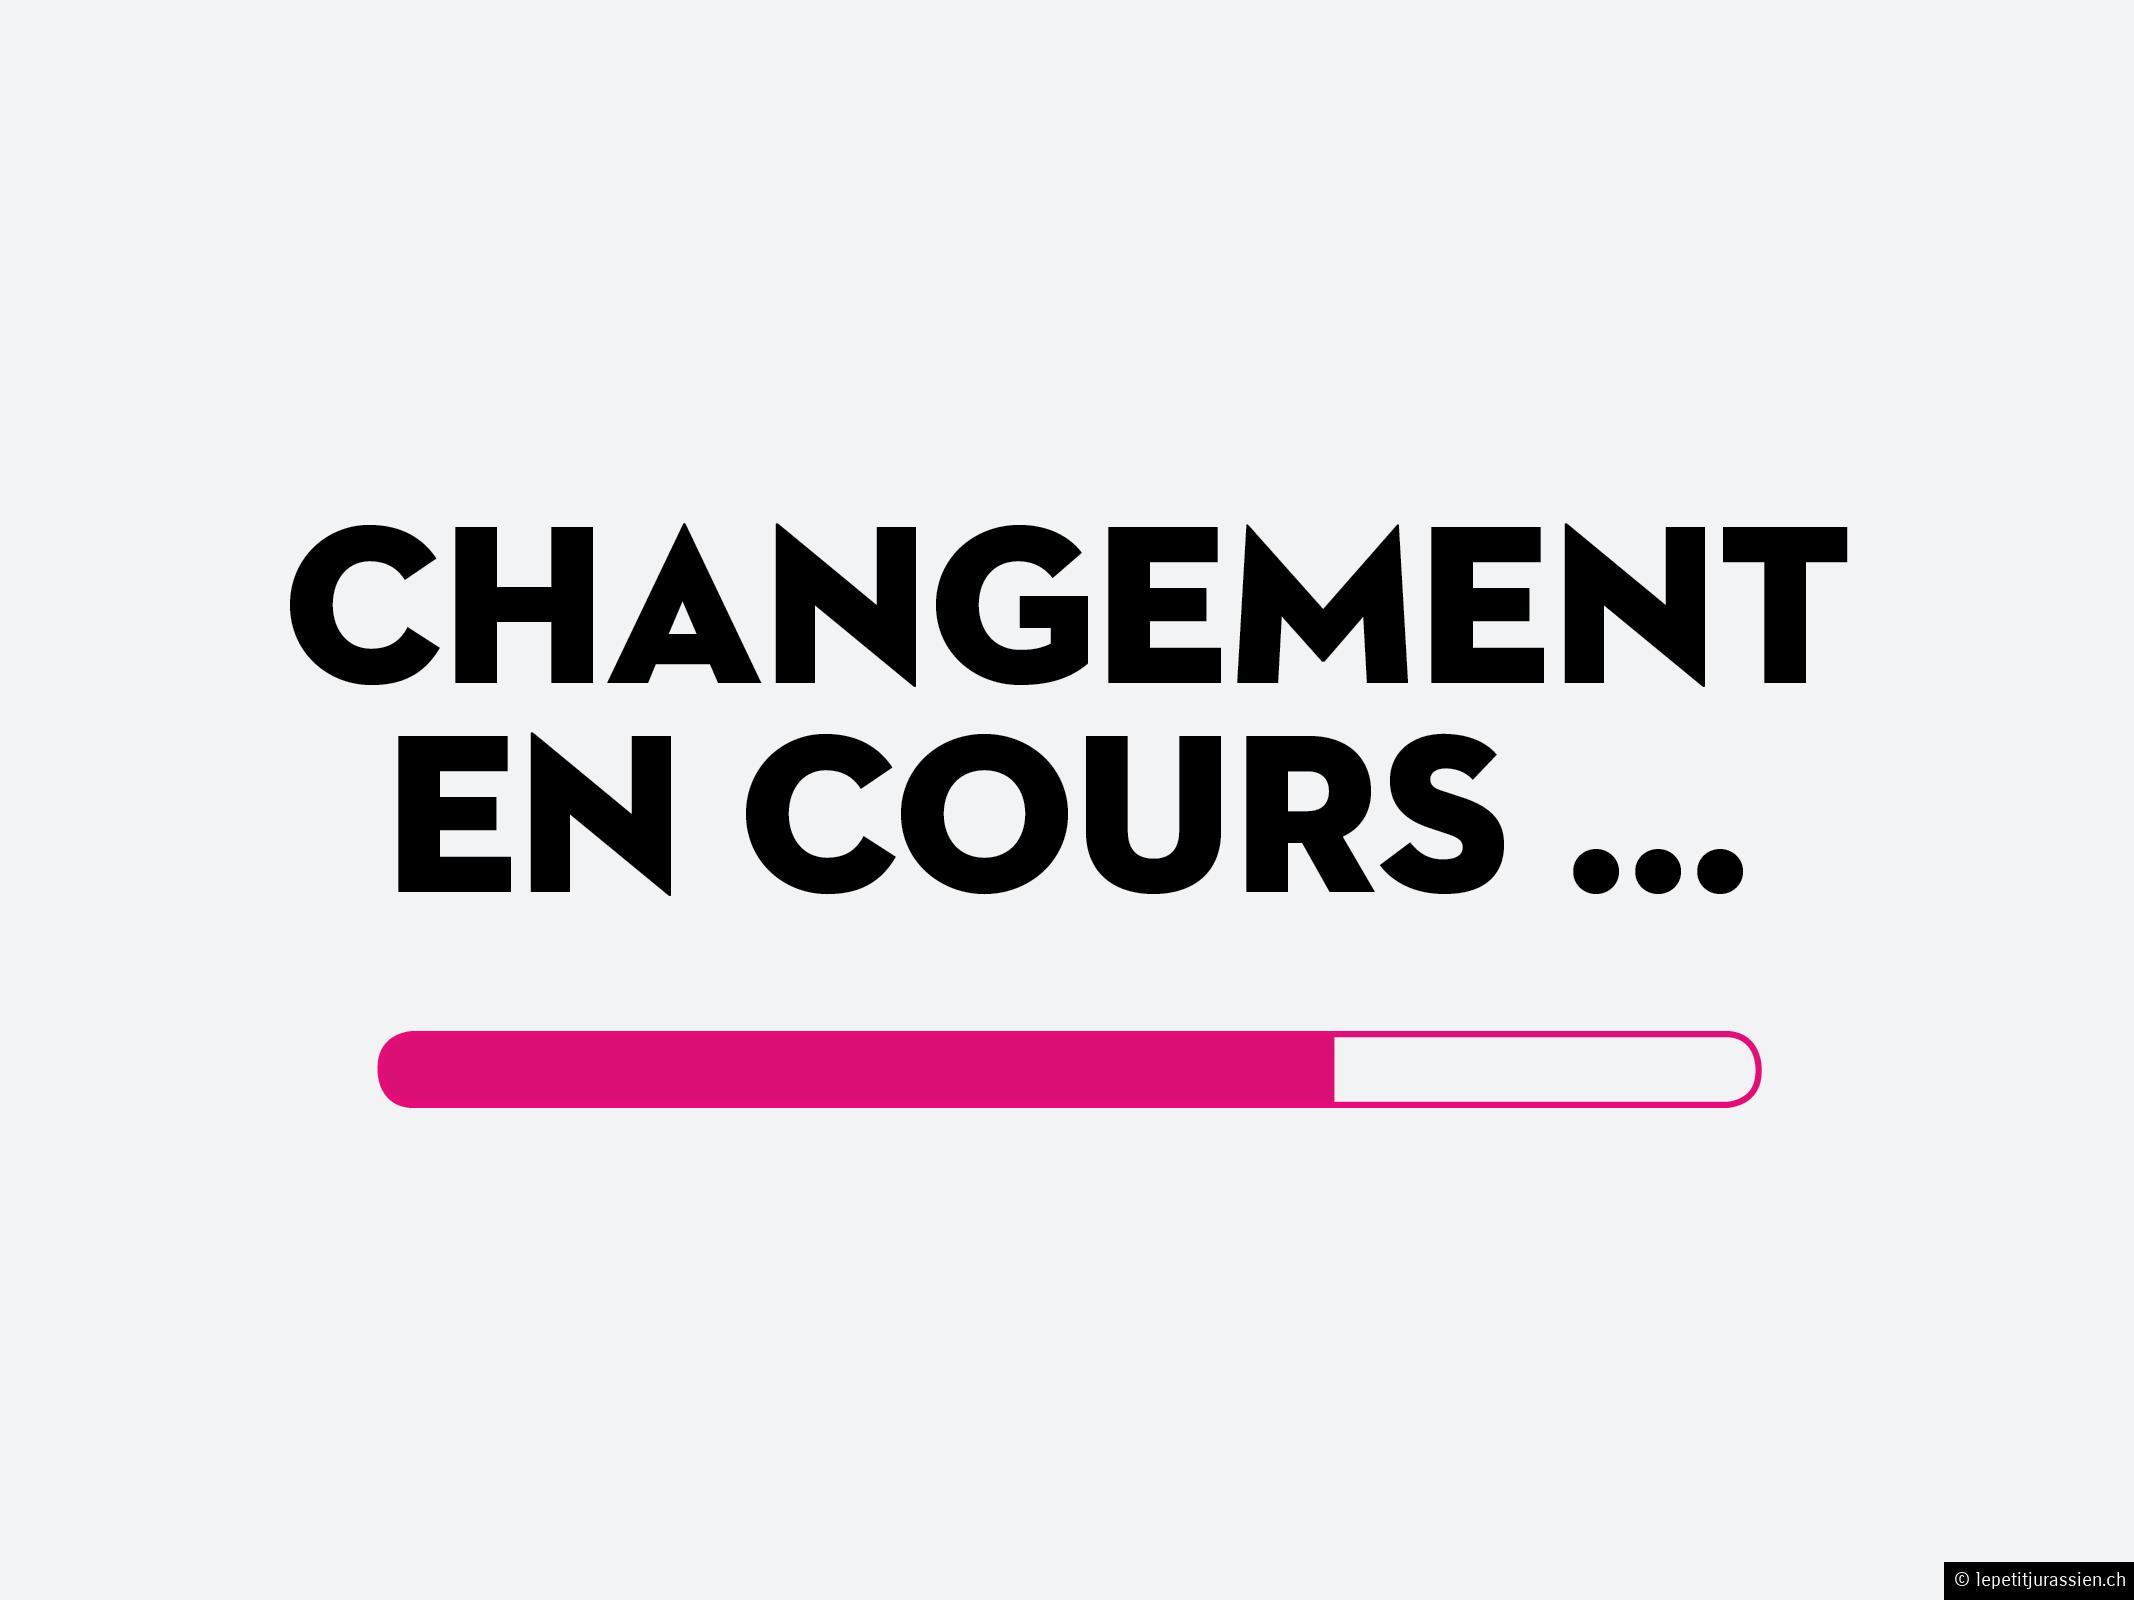 Changement-en-cours.png